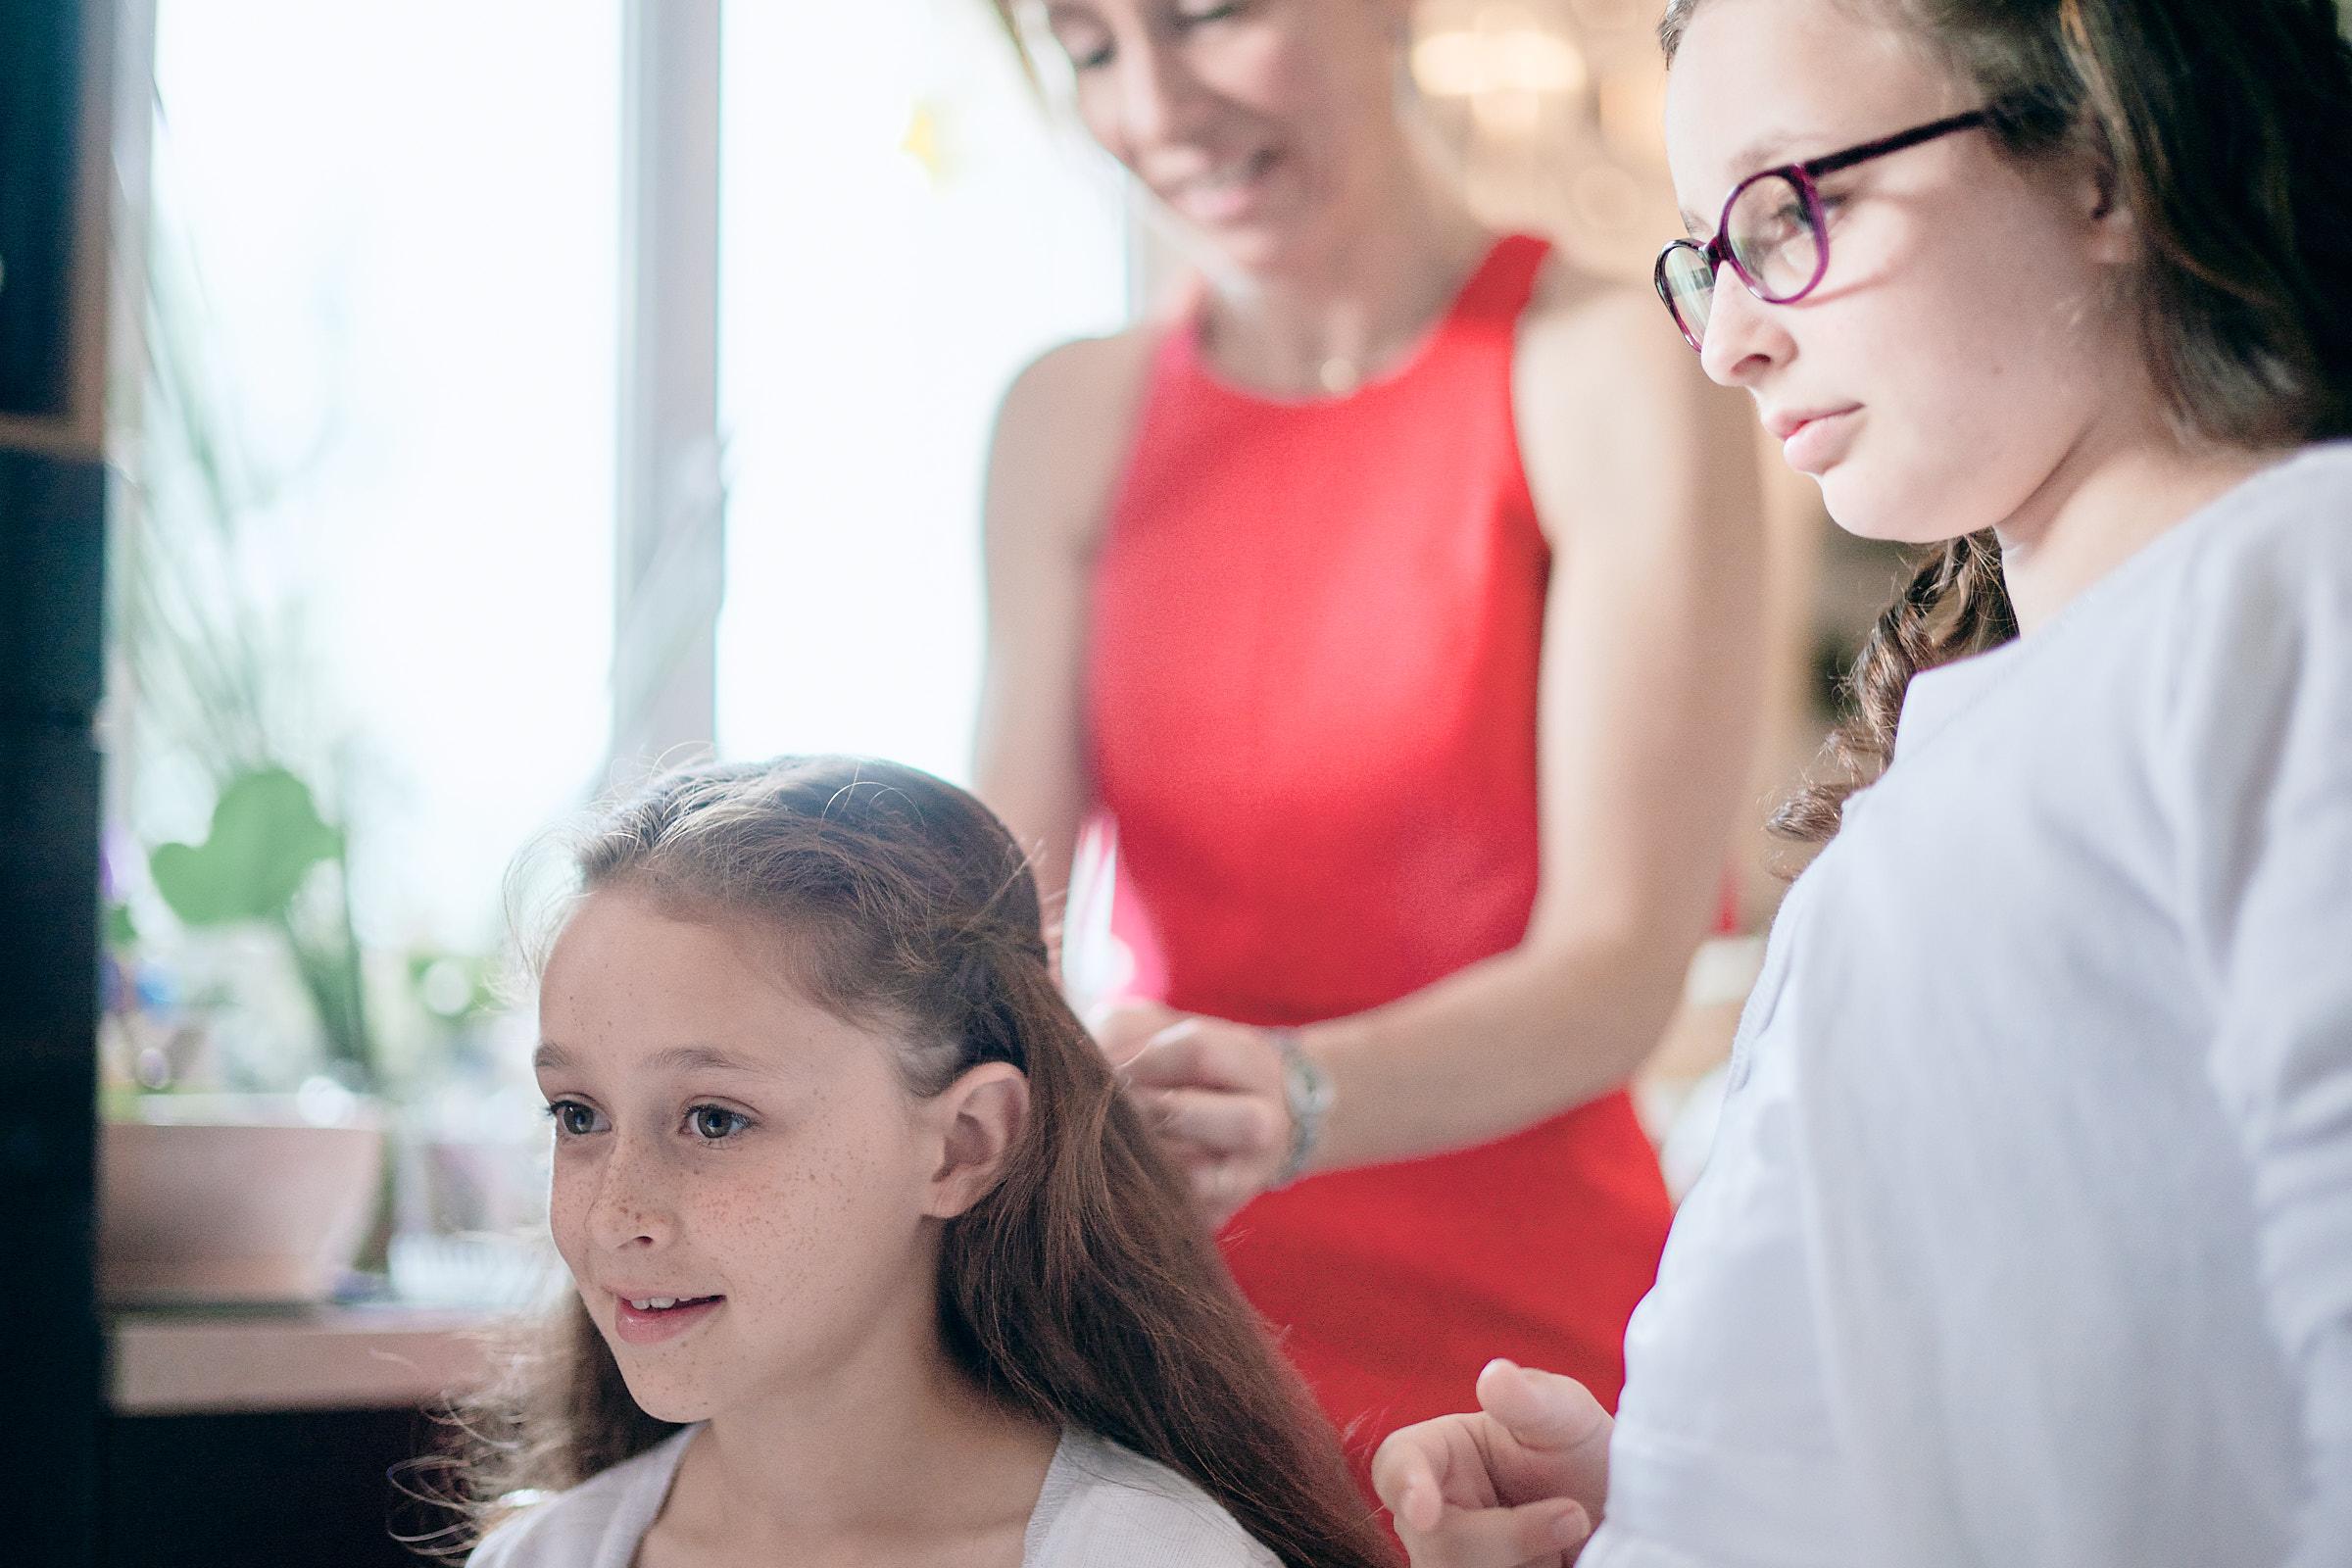 une des filles de la mariée se fait coiffer